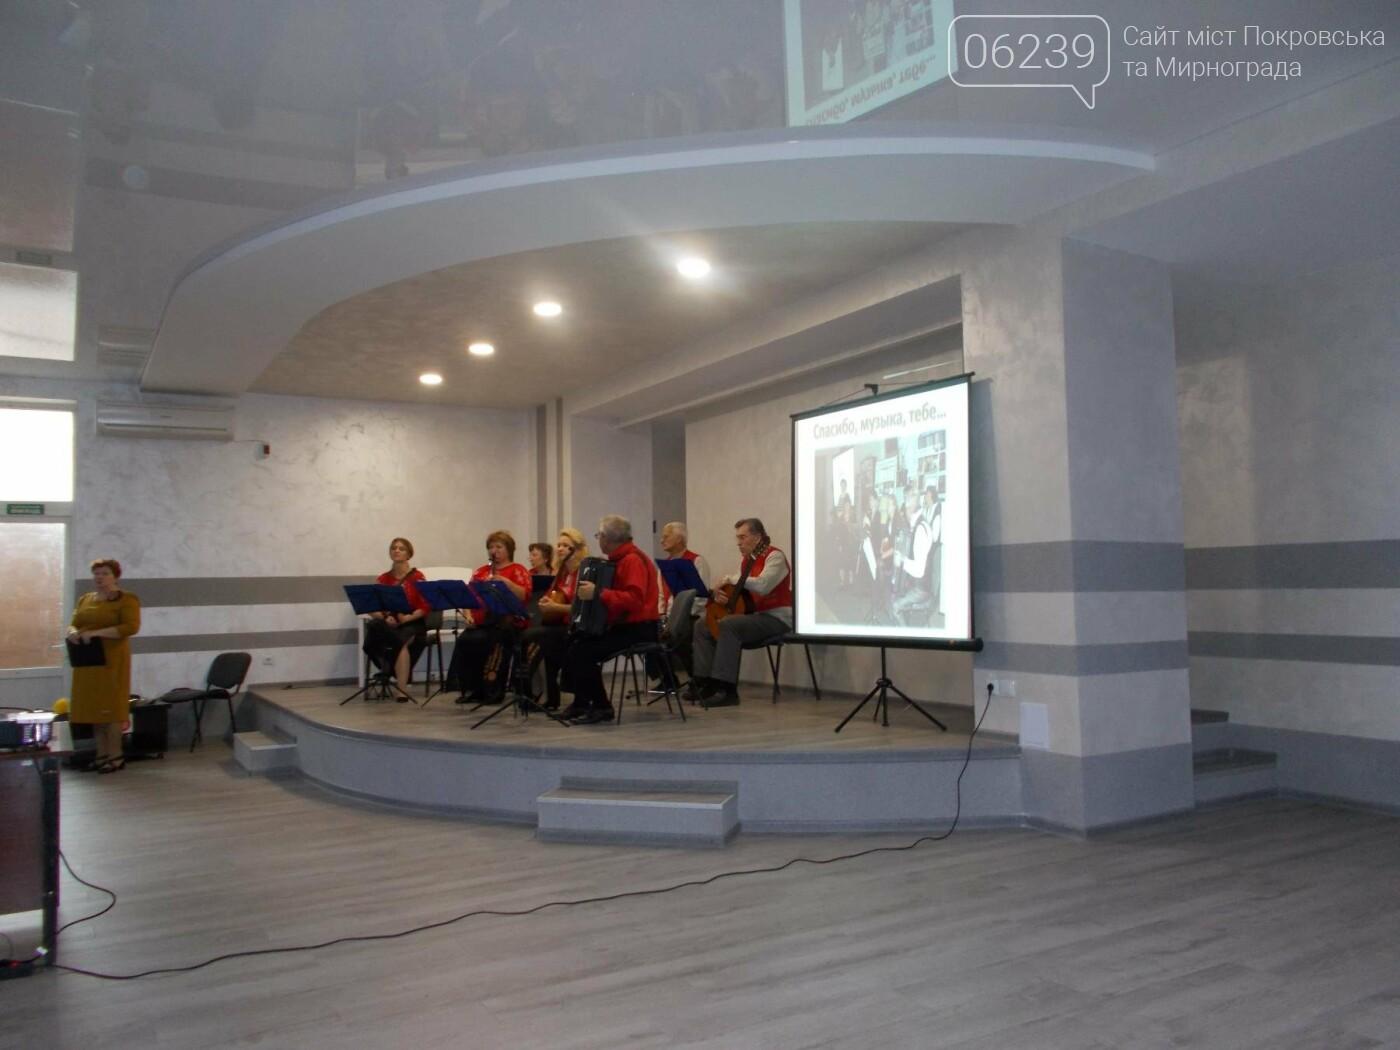 У Покровську в Центральній міській бібліотеці пройшов чудовий захід із циклу лекцій-концертів, фото-1